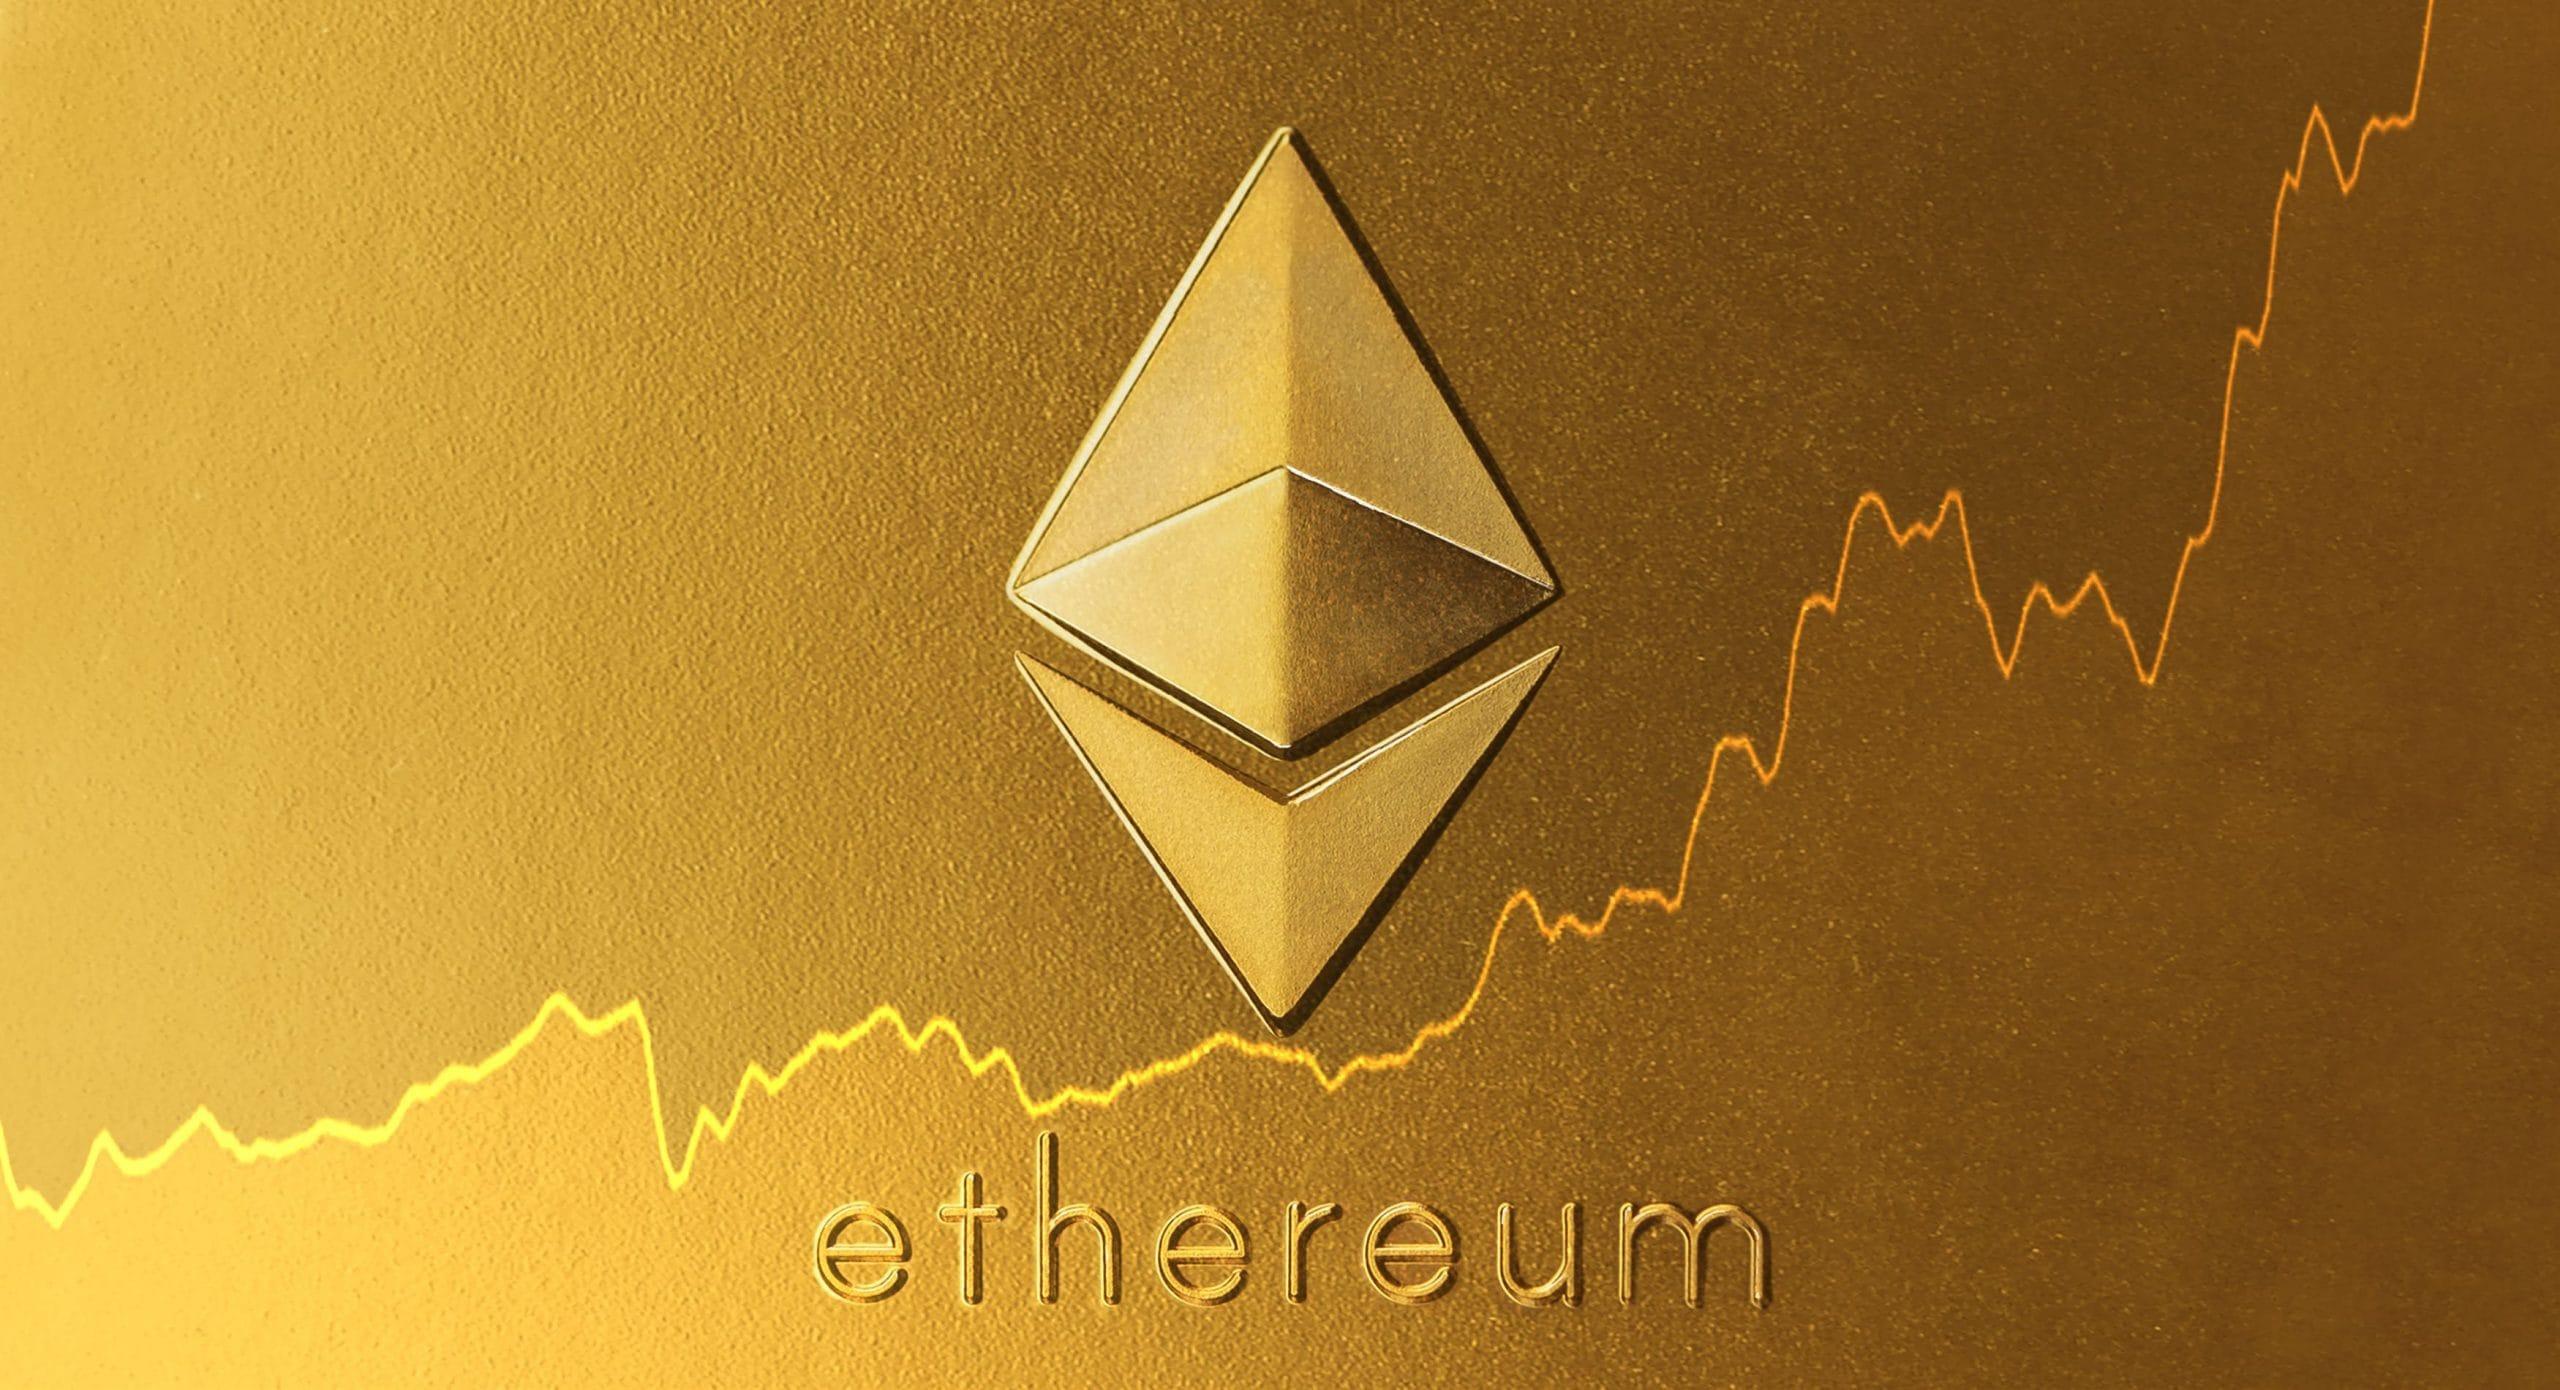 Ethereum-Logo und Kurschart auf goldenem Untergrund